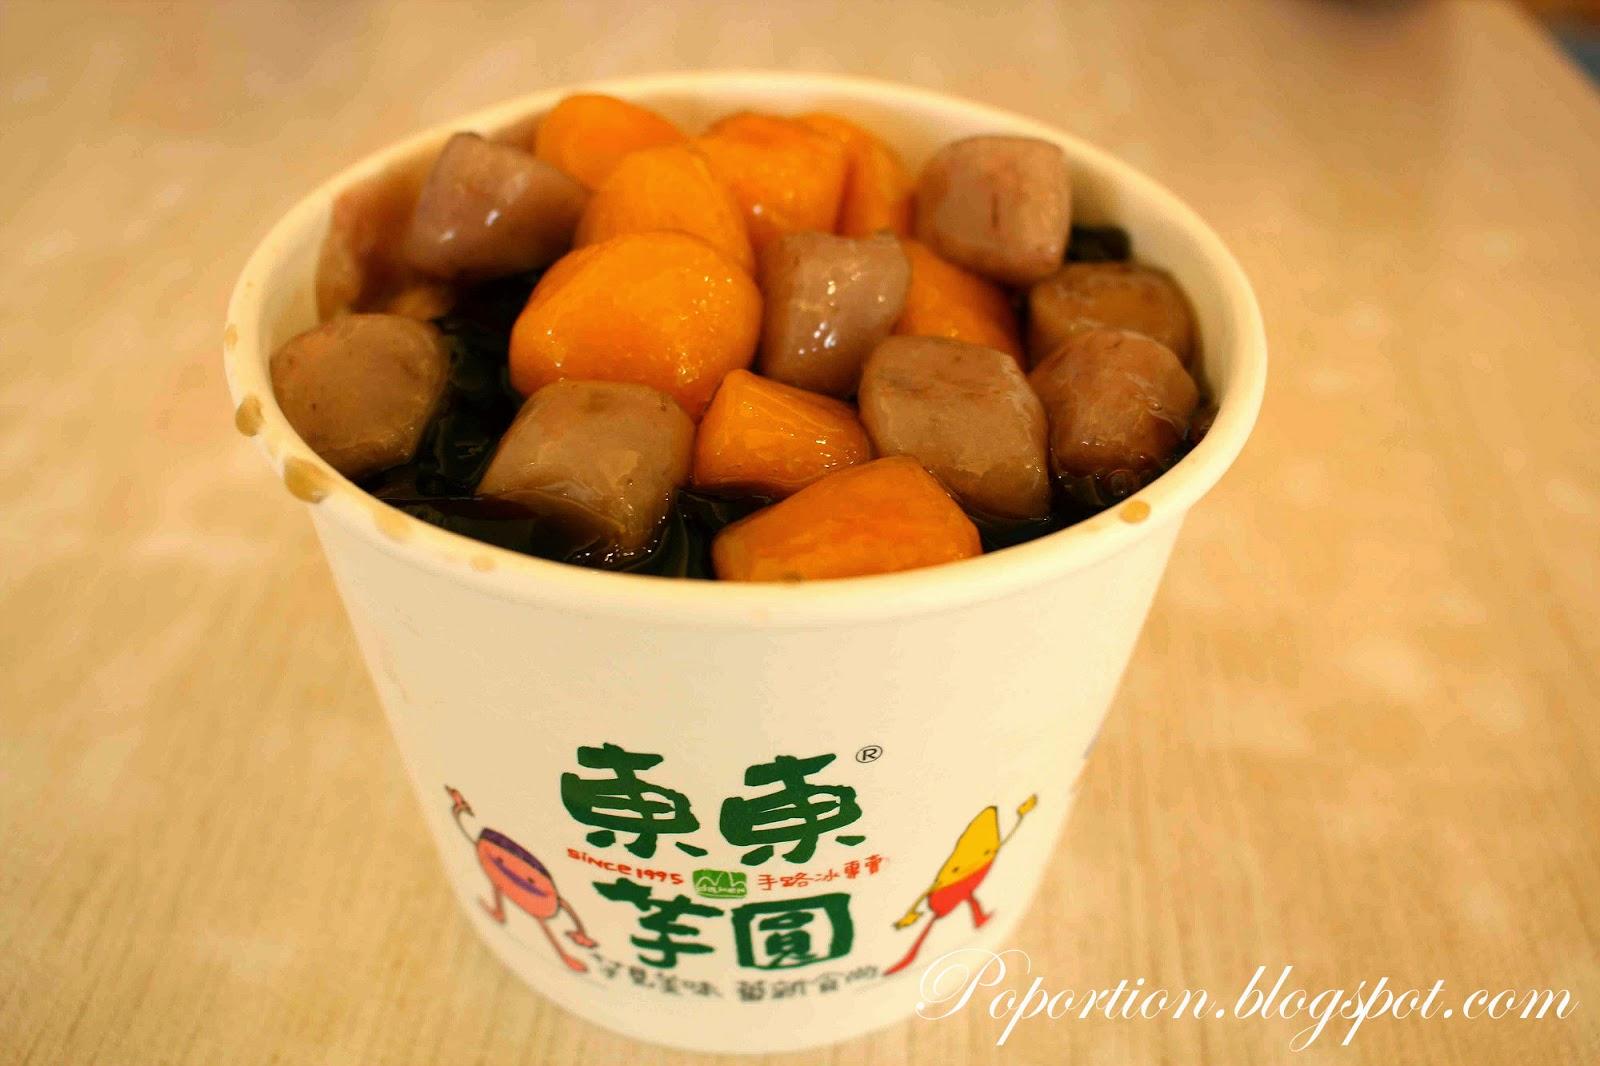 taiwan famous yu yuan